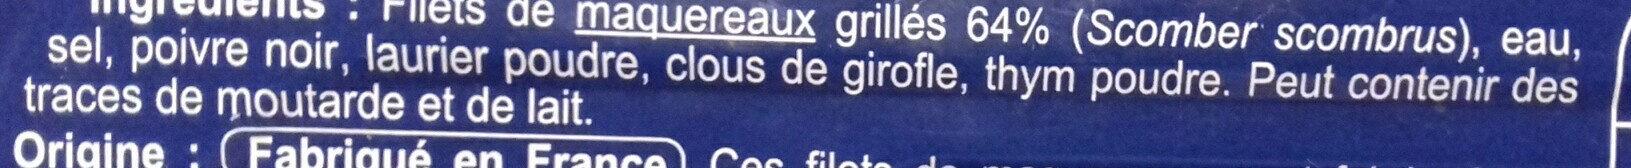 Filet de Maquereaux grillés - Ingredients